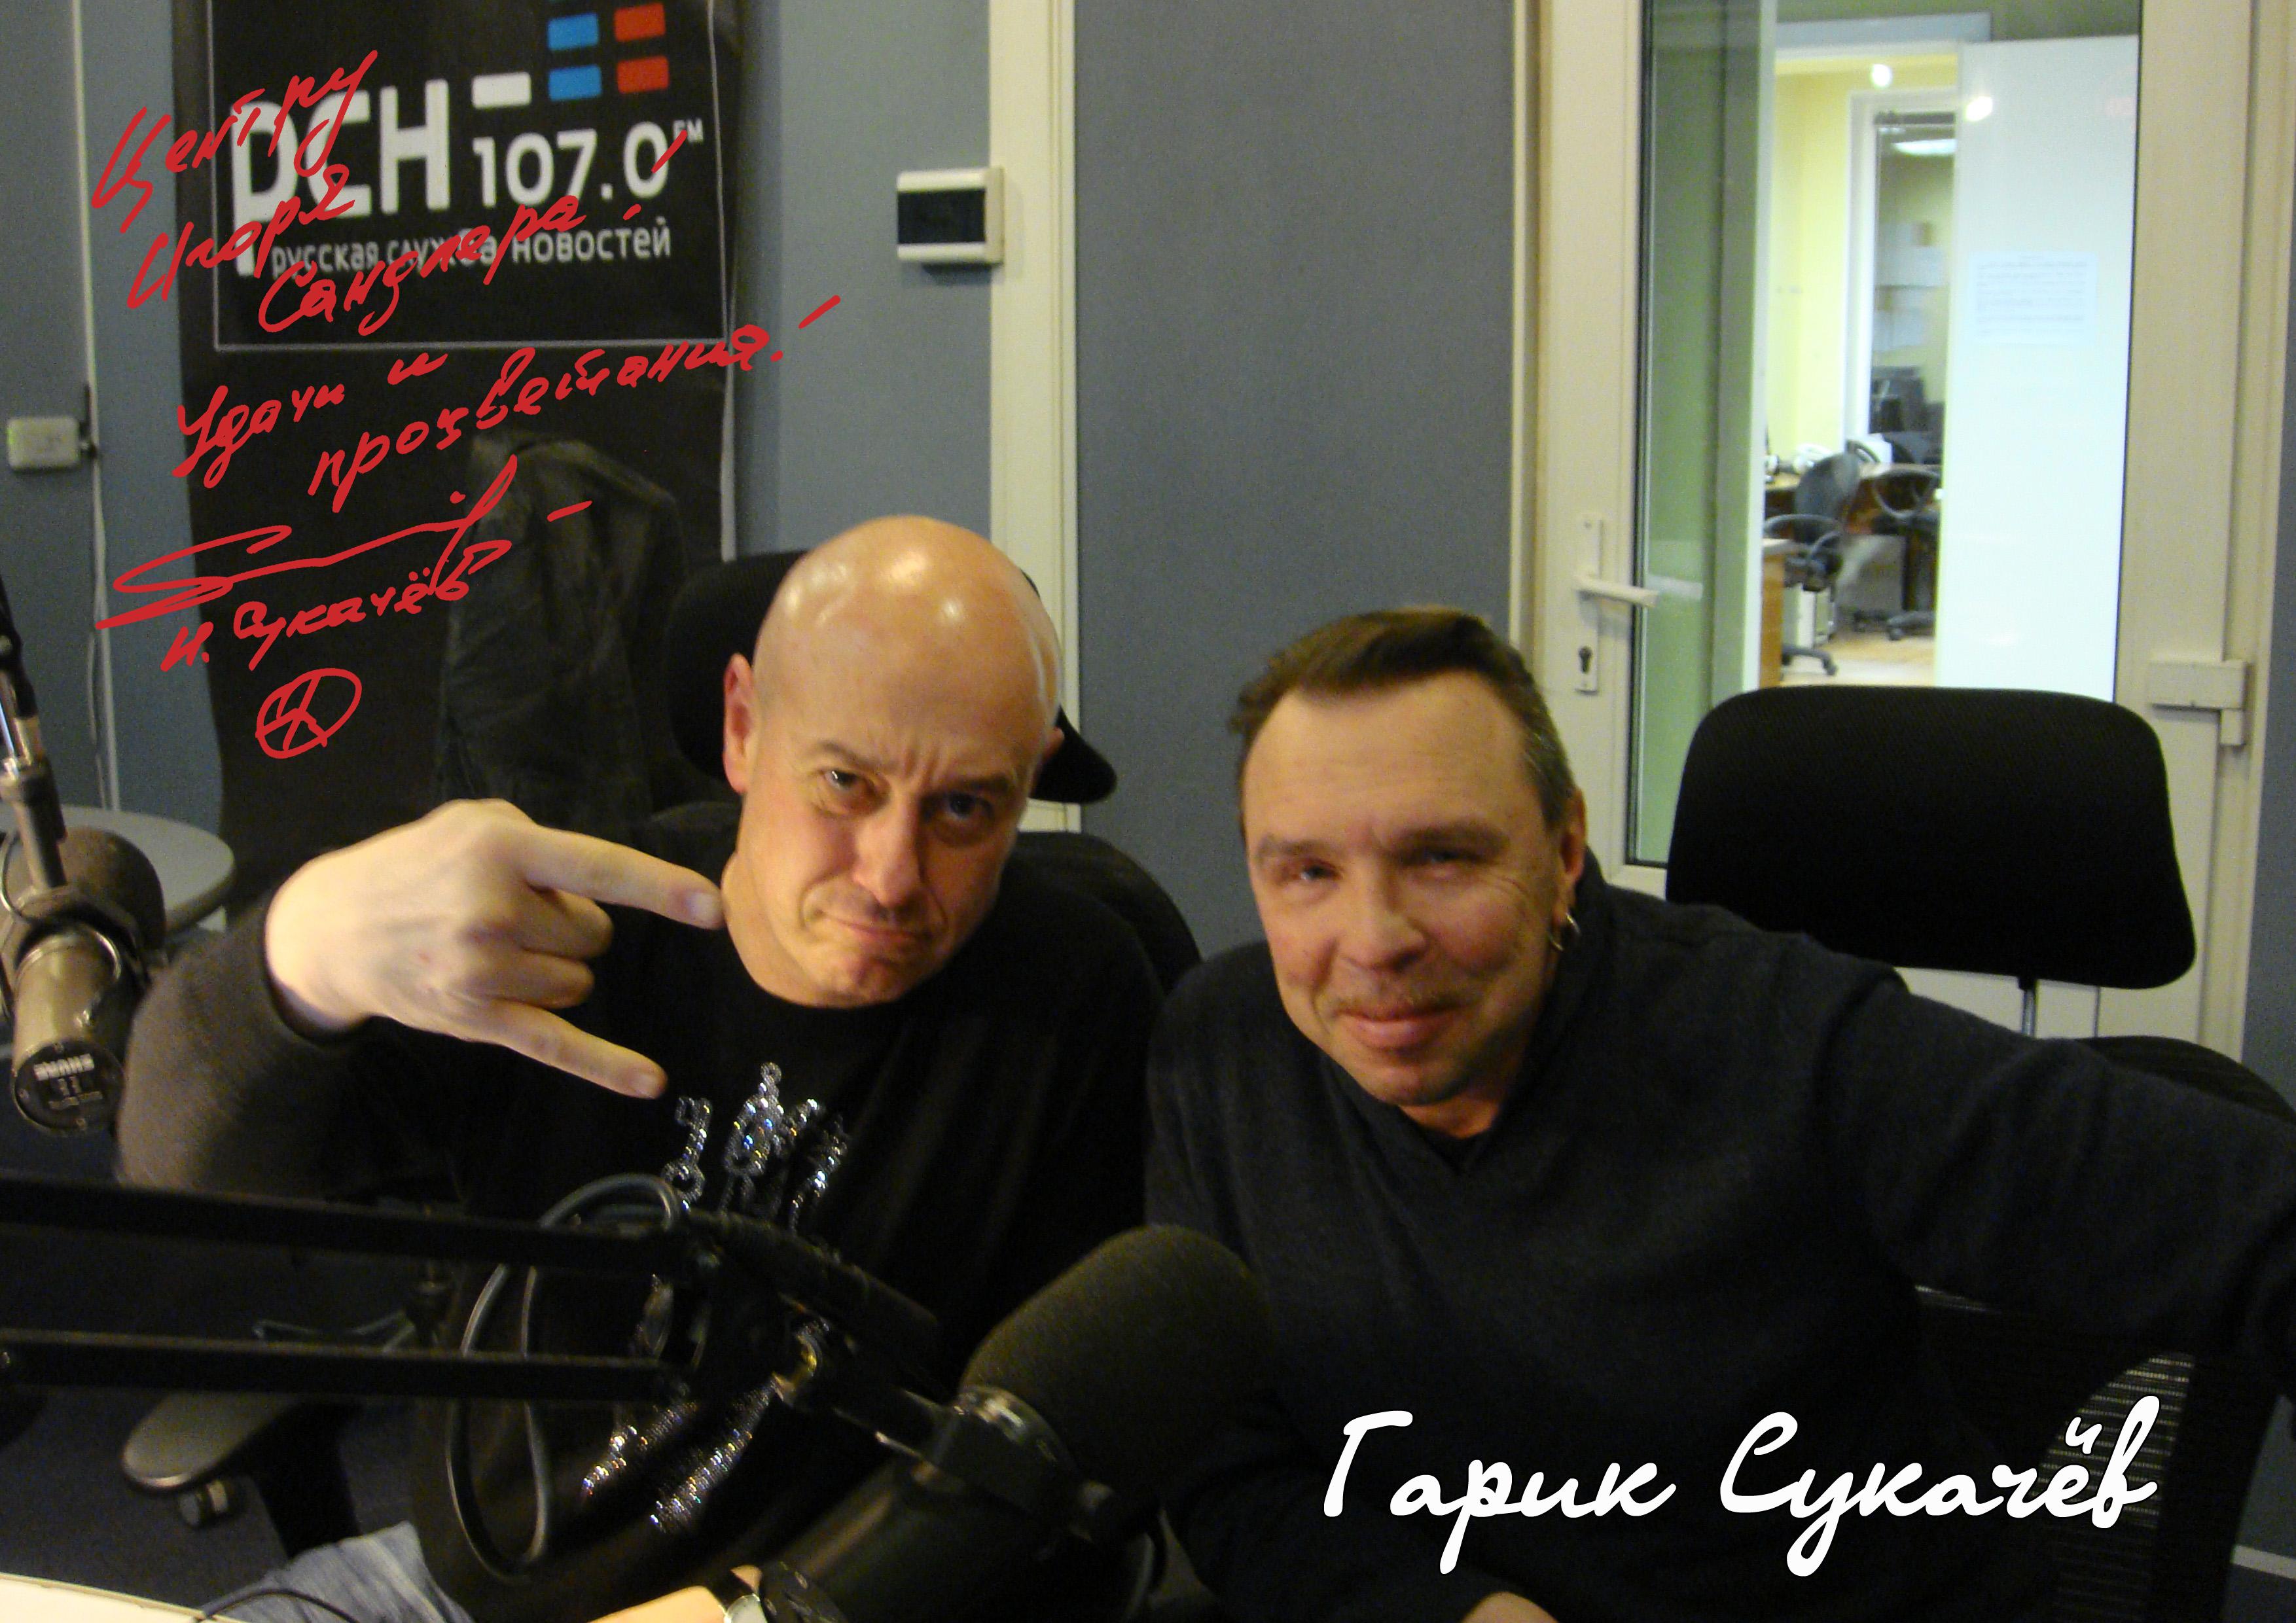 """Гарик Сукачёв - Авторская программа """"Беседы о роке и джазе"""" на РСН"""